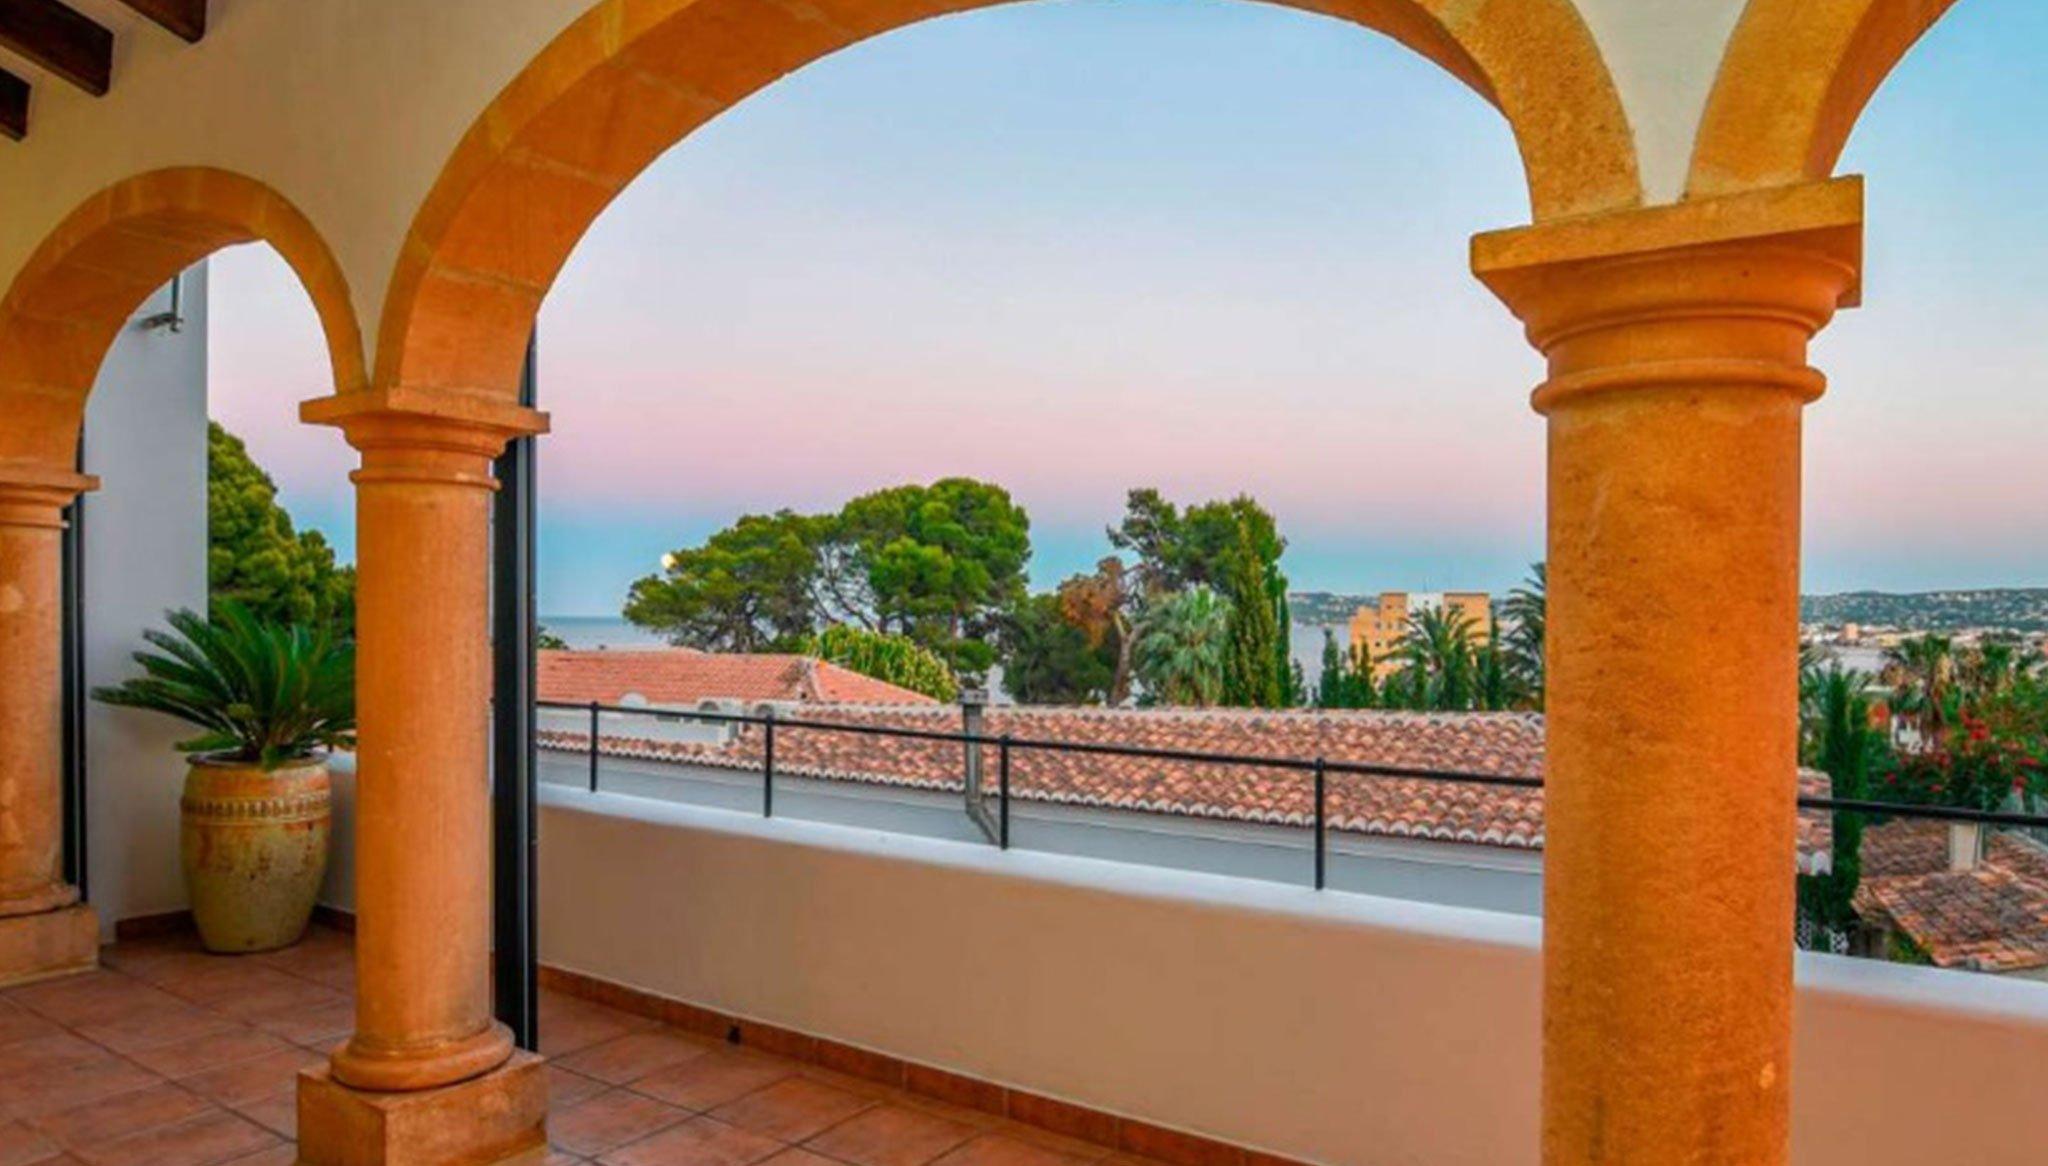 Terraza de una villa en venta en el puerto de Jávea – MORAGUESPONS Mediterranean Houses